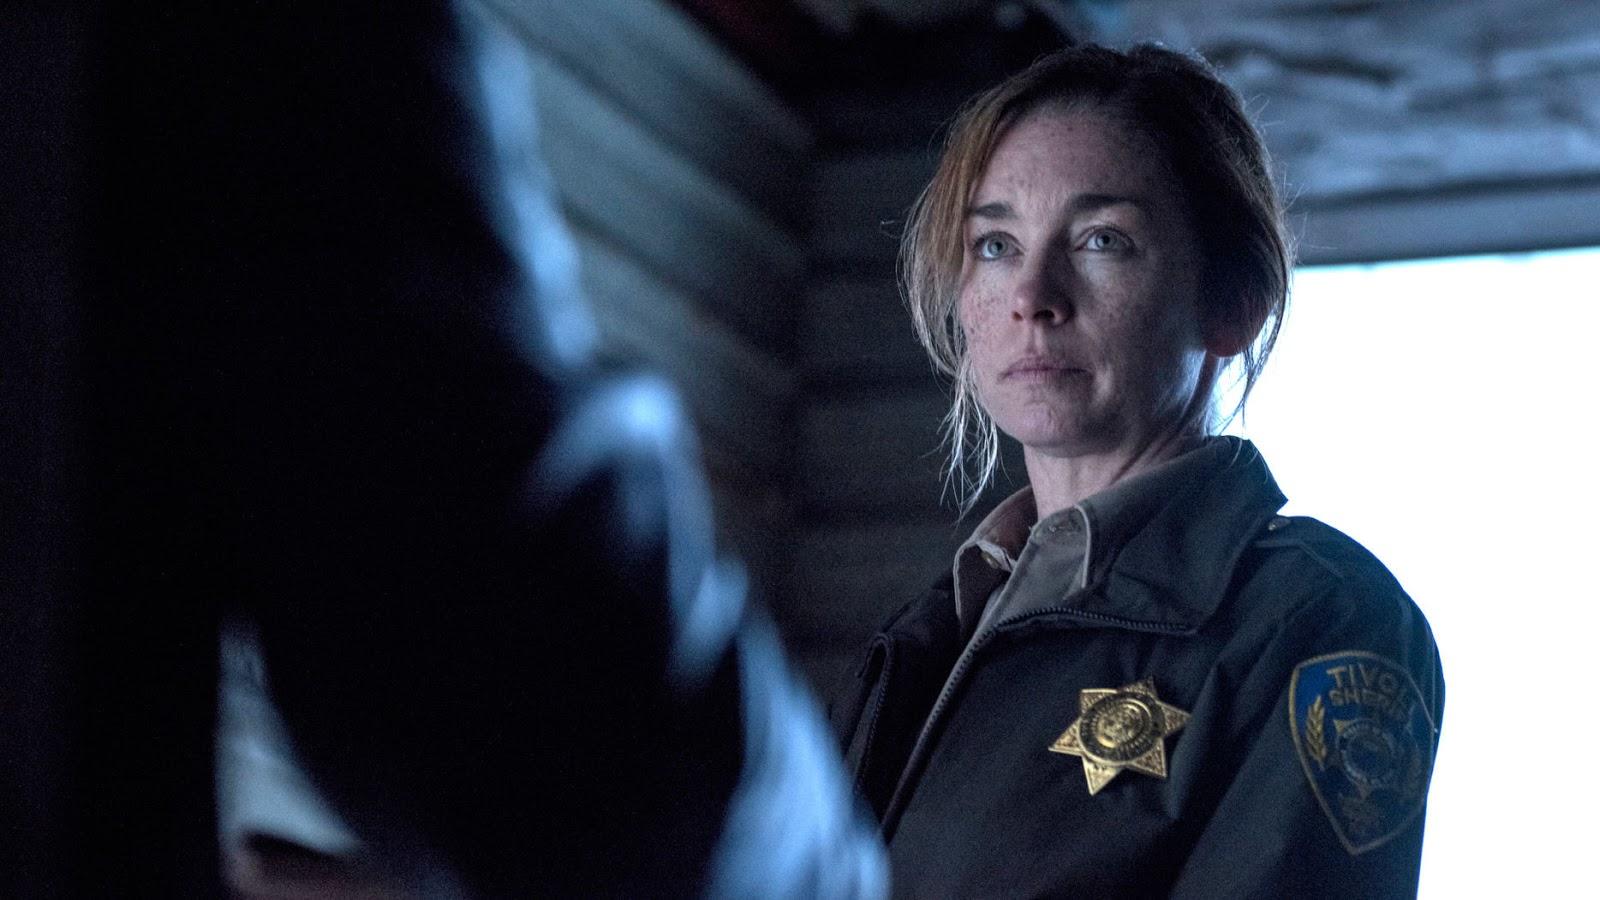 Julianne Nicholson es la sheriff Helen Torrance en 'Eyewitness'